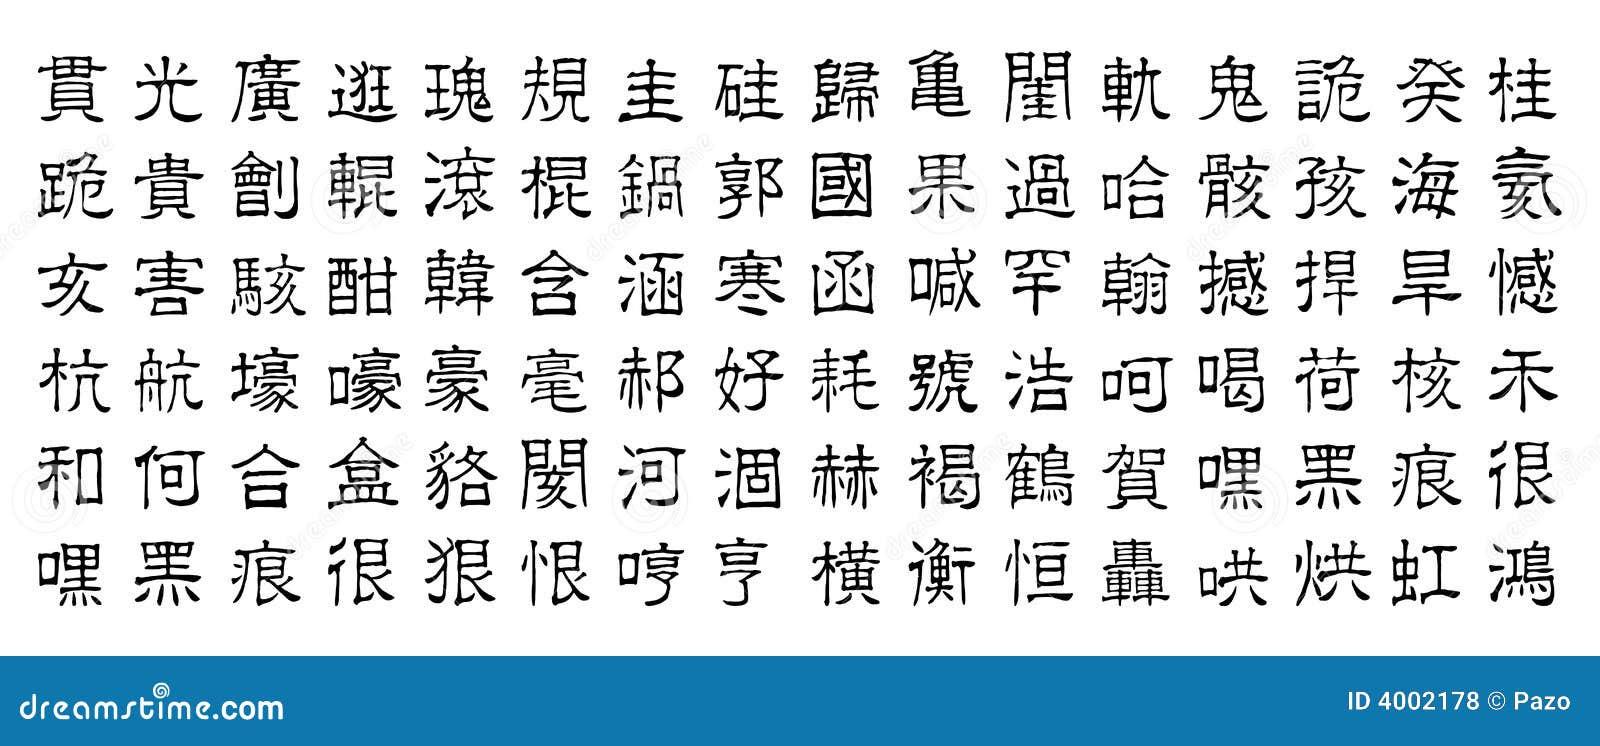 Chinesische Schriftzeichen V2 Lizenzfreie Stockfotos ...